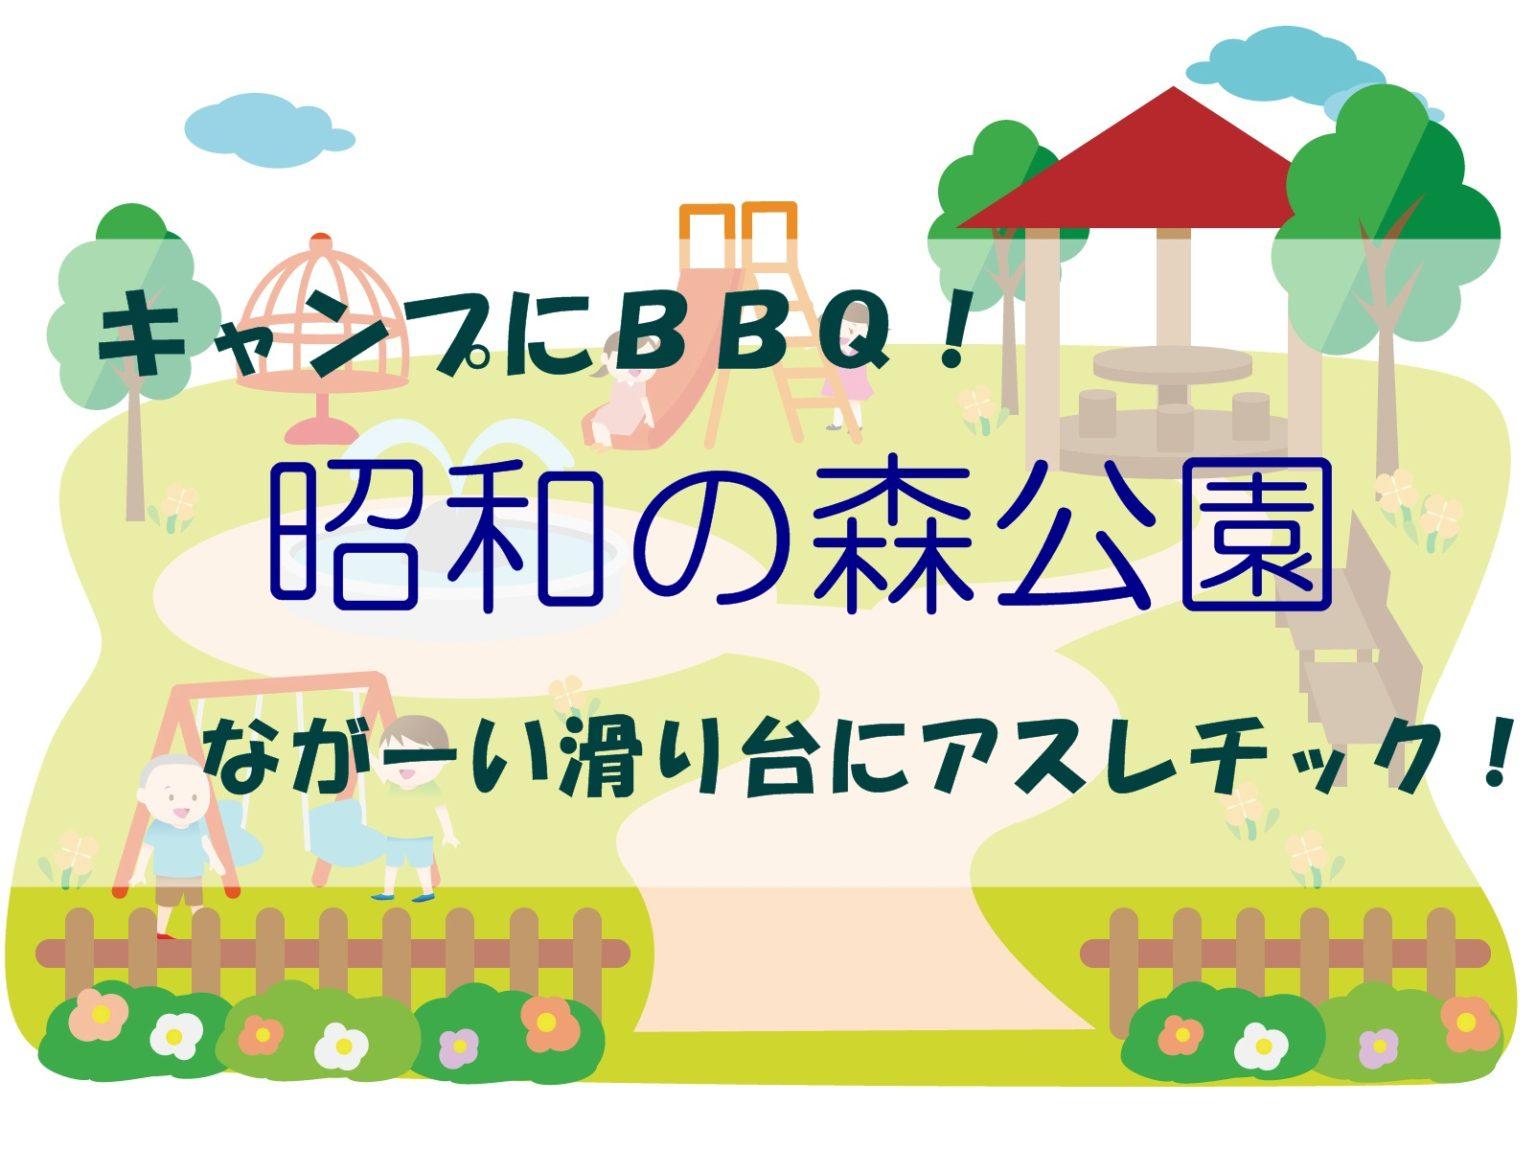 昭和の森アイキャッチ